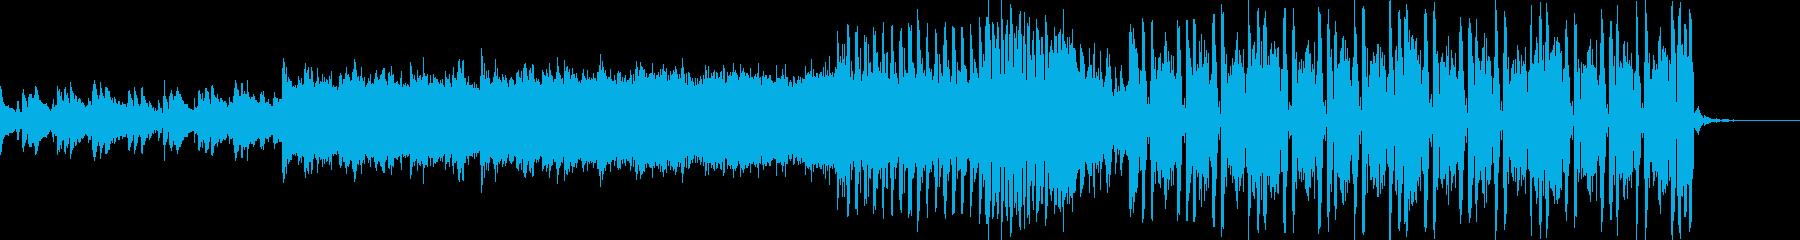 ピアノとシンセが印象的なハウス系ダンス曲の再生済みの波形